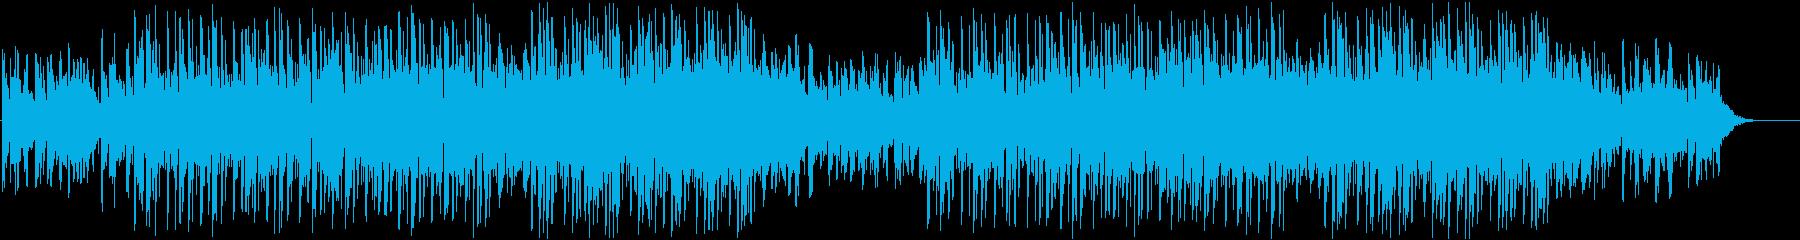 おしゃれな曲の再生済みの波形